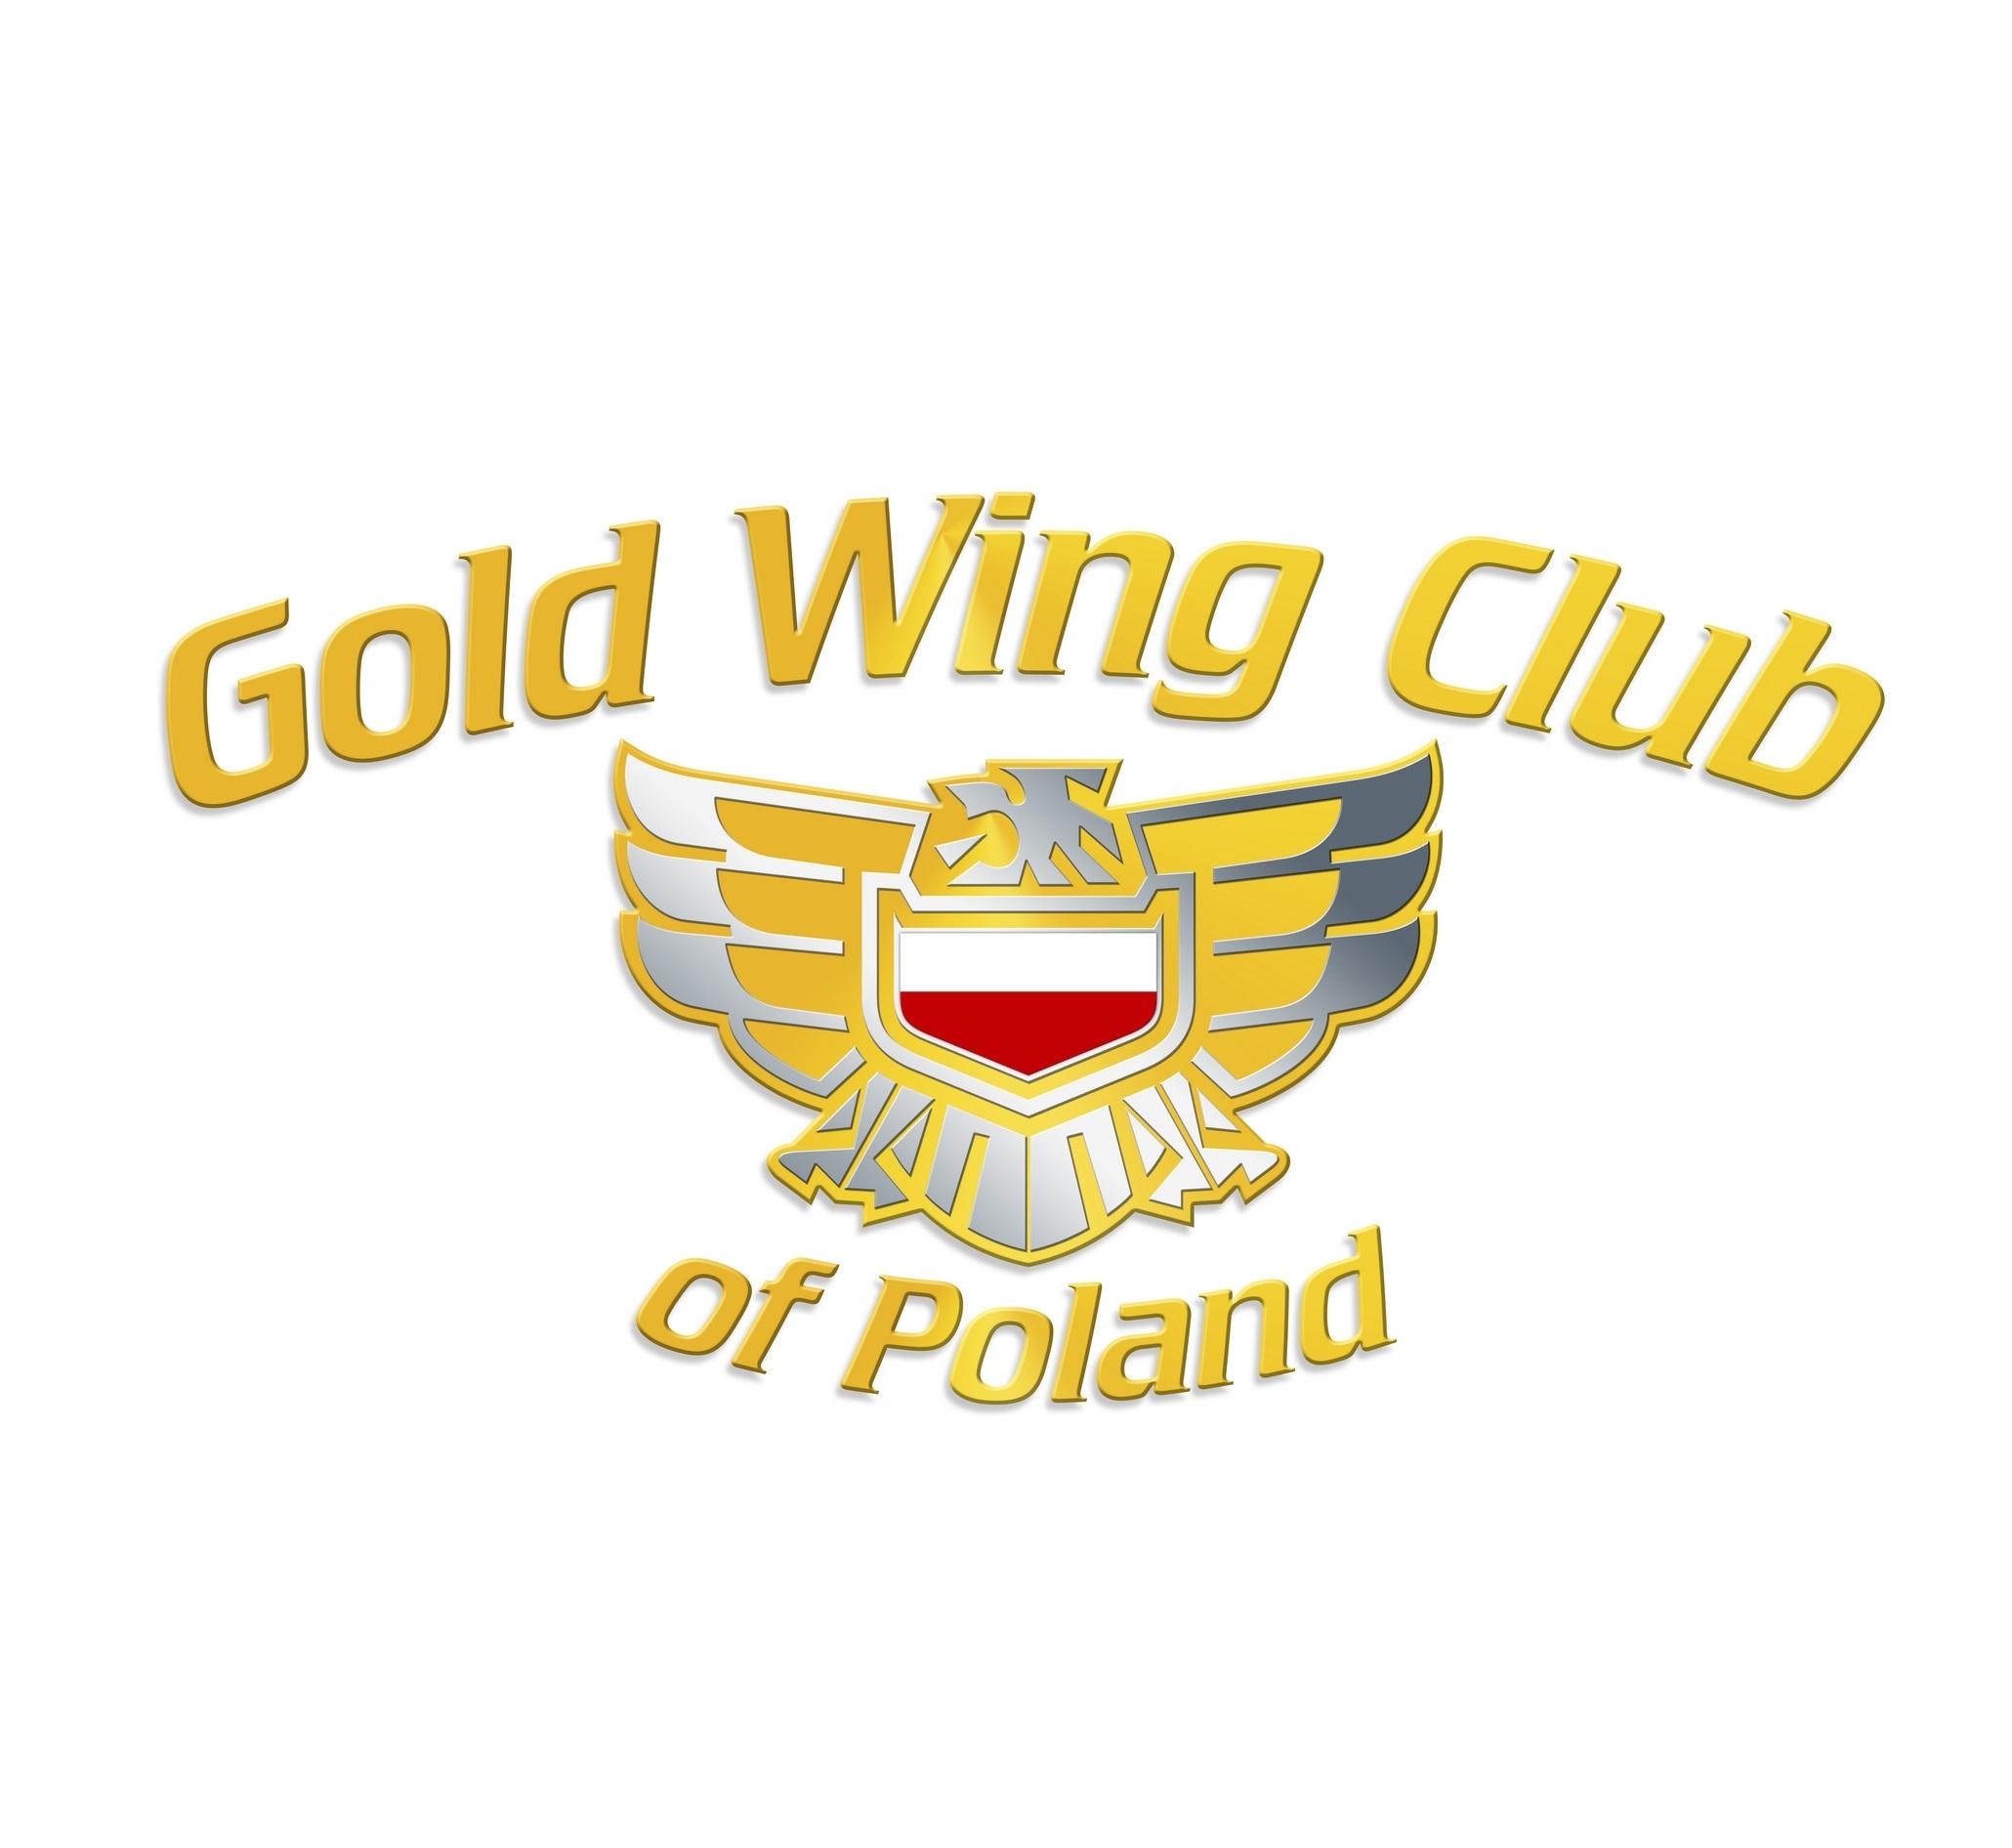 logo_Honda GWC Polska